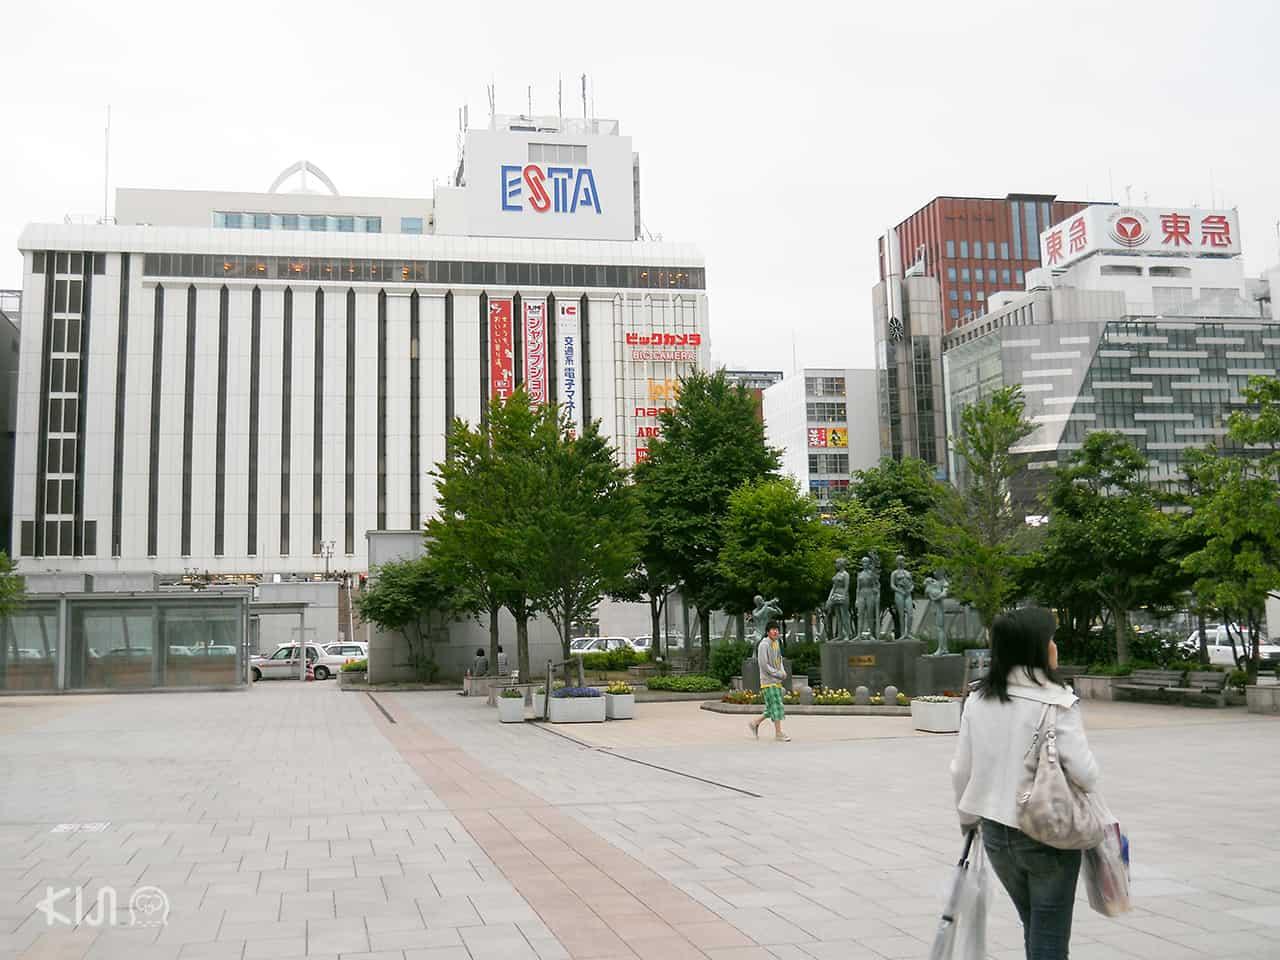 ห้าง Esta Sapporo station